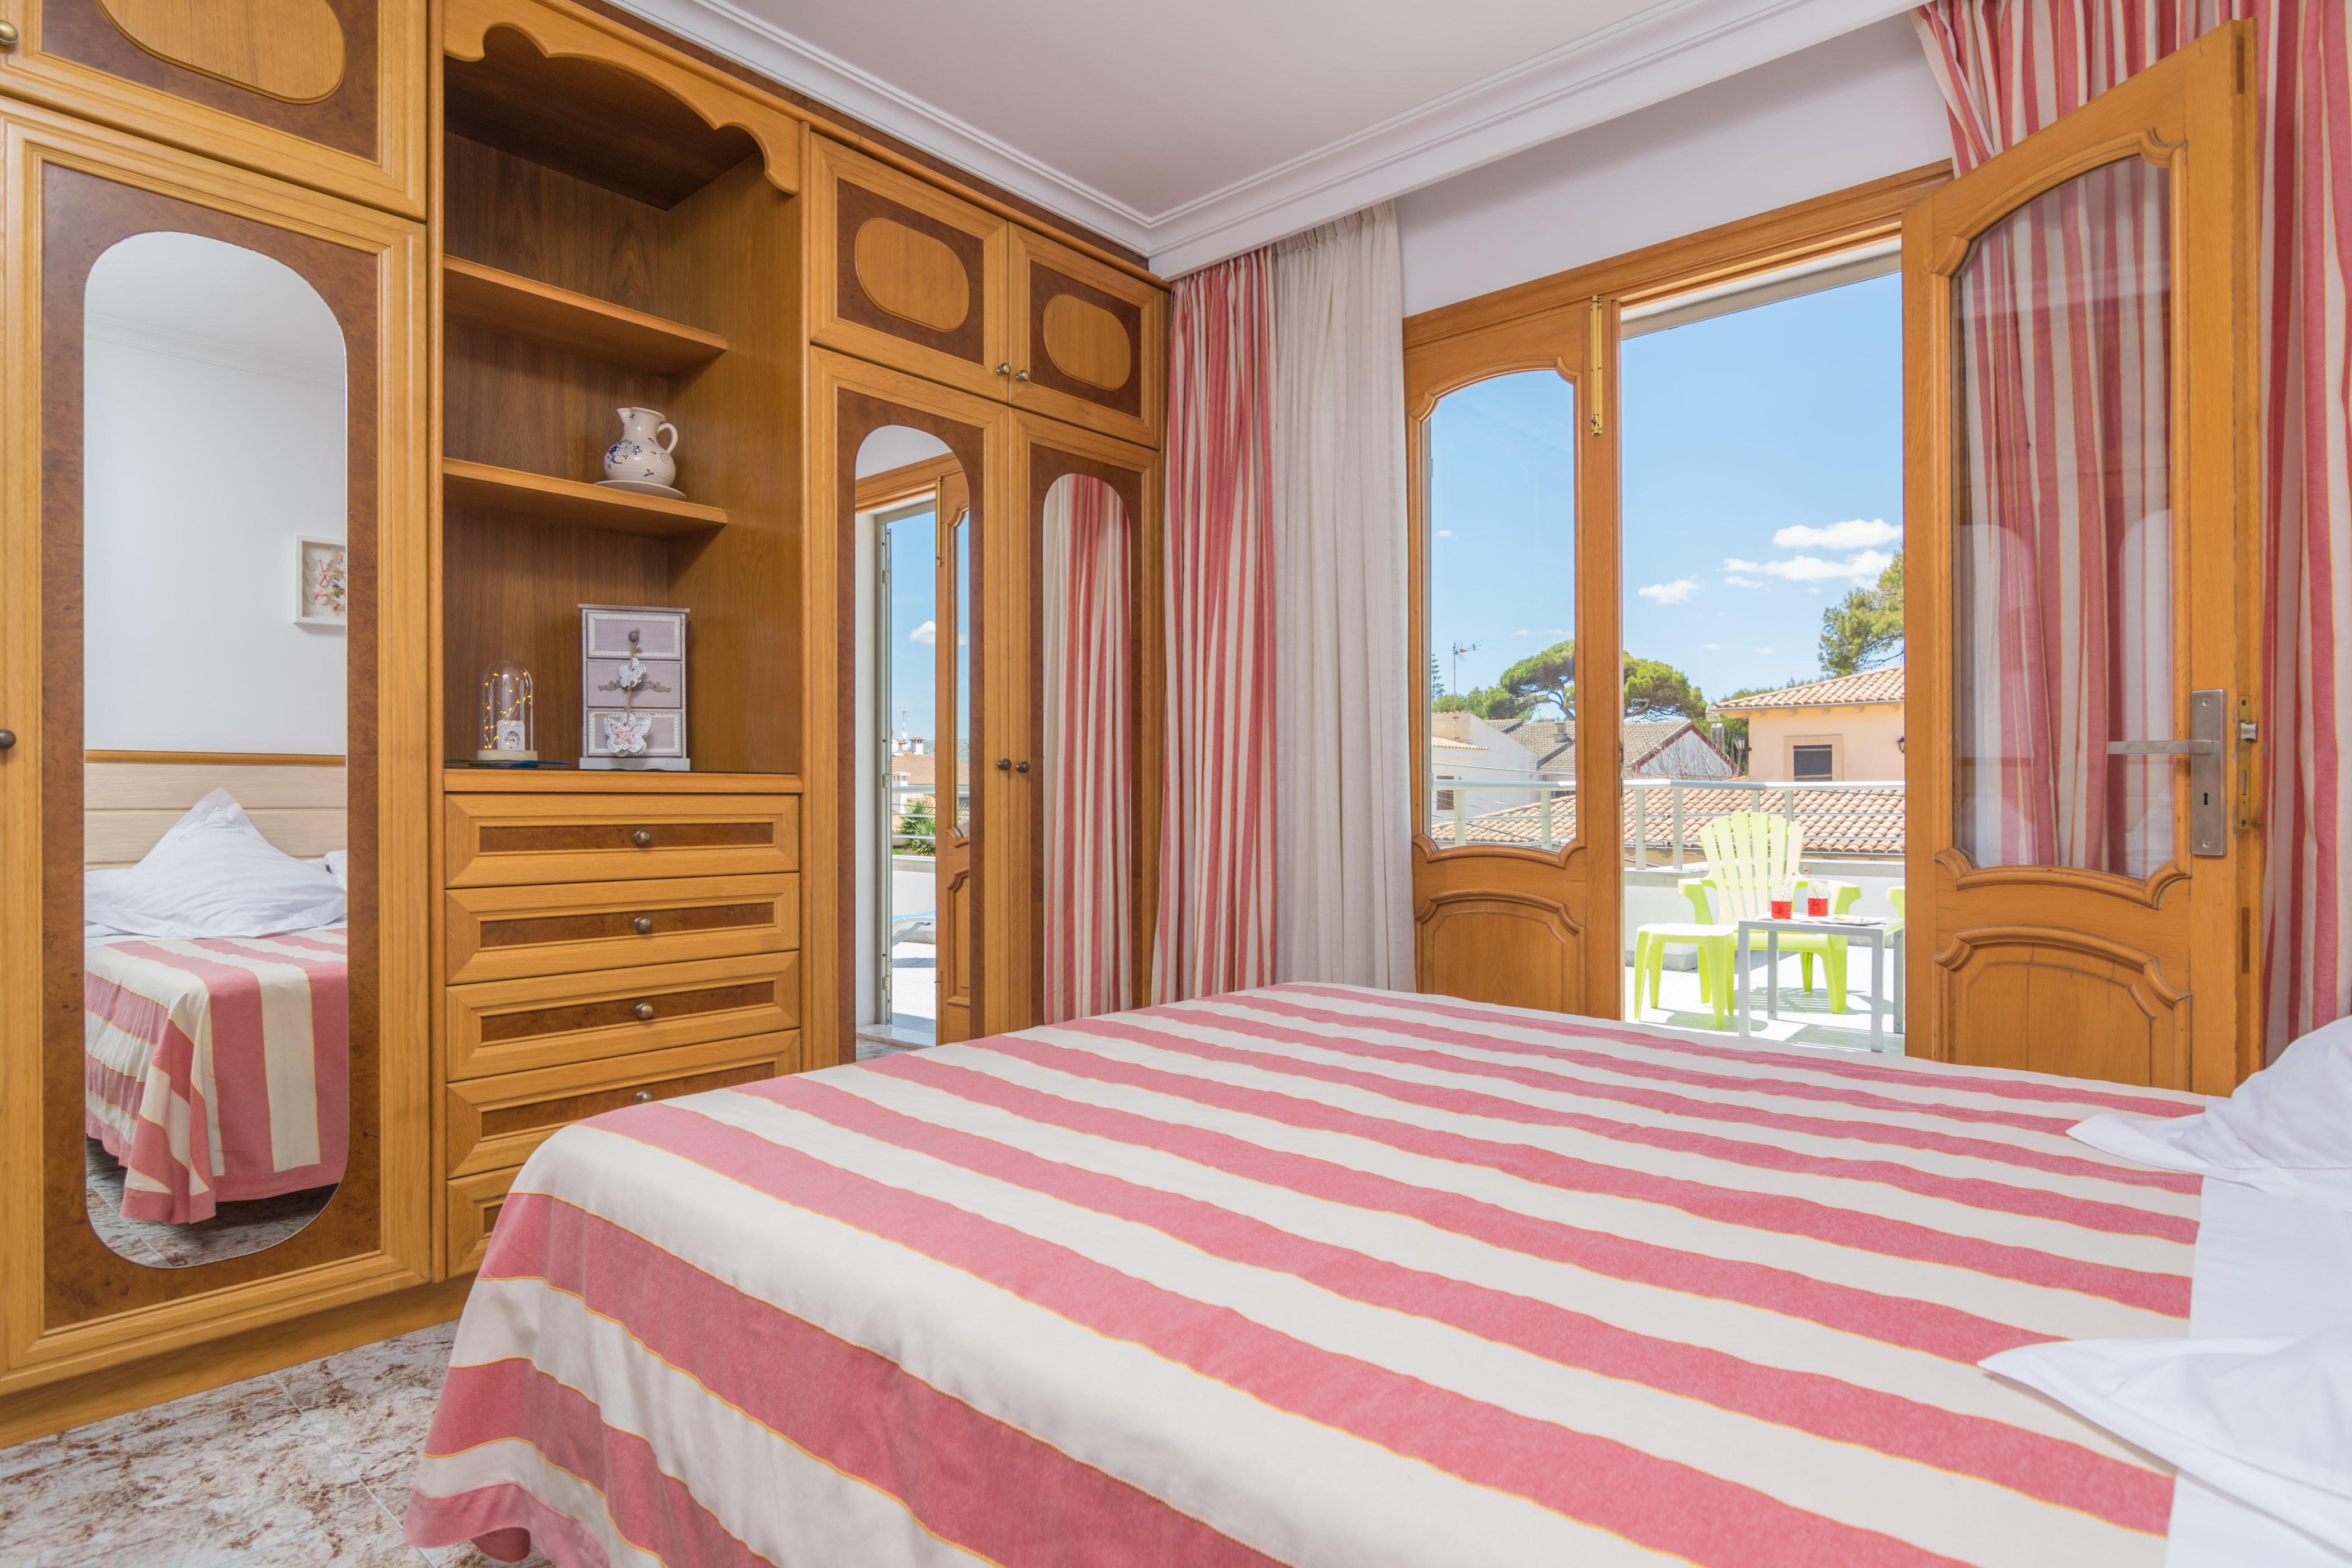 Ferienhaus VILLA ISABEL (1871702), Platja de Muro, Mallorca, Balearische Inseln, Spanien, Bild 30